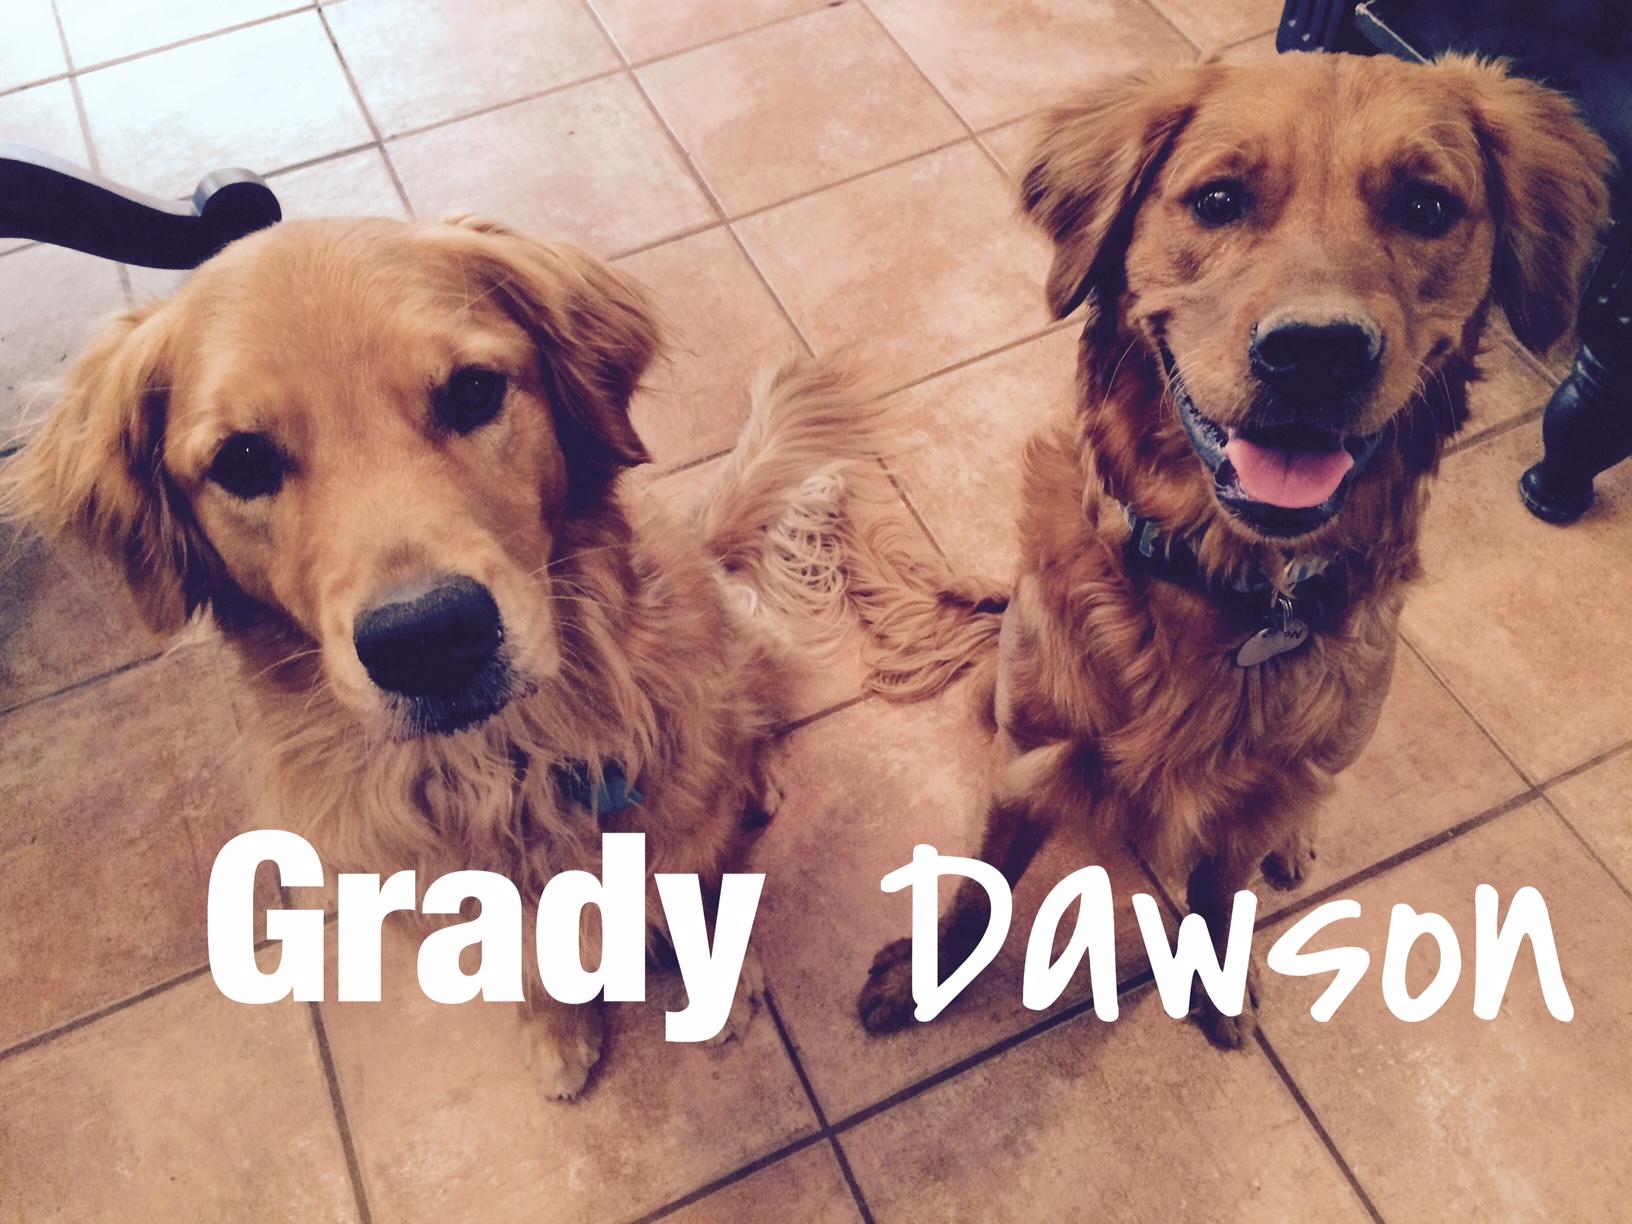 Dawson and Grady